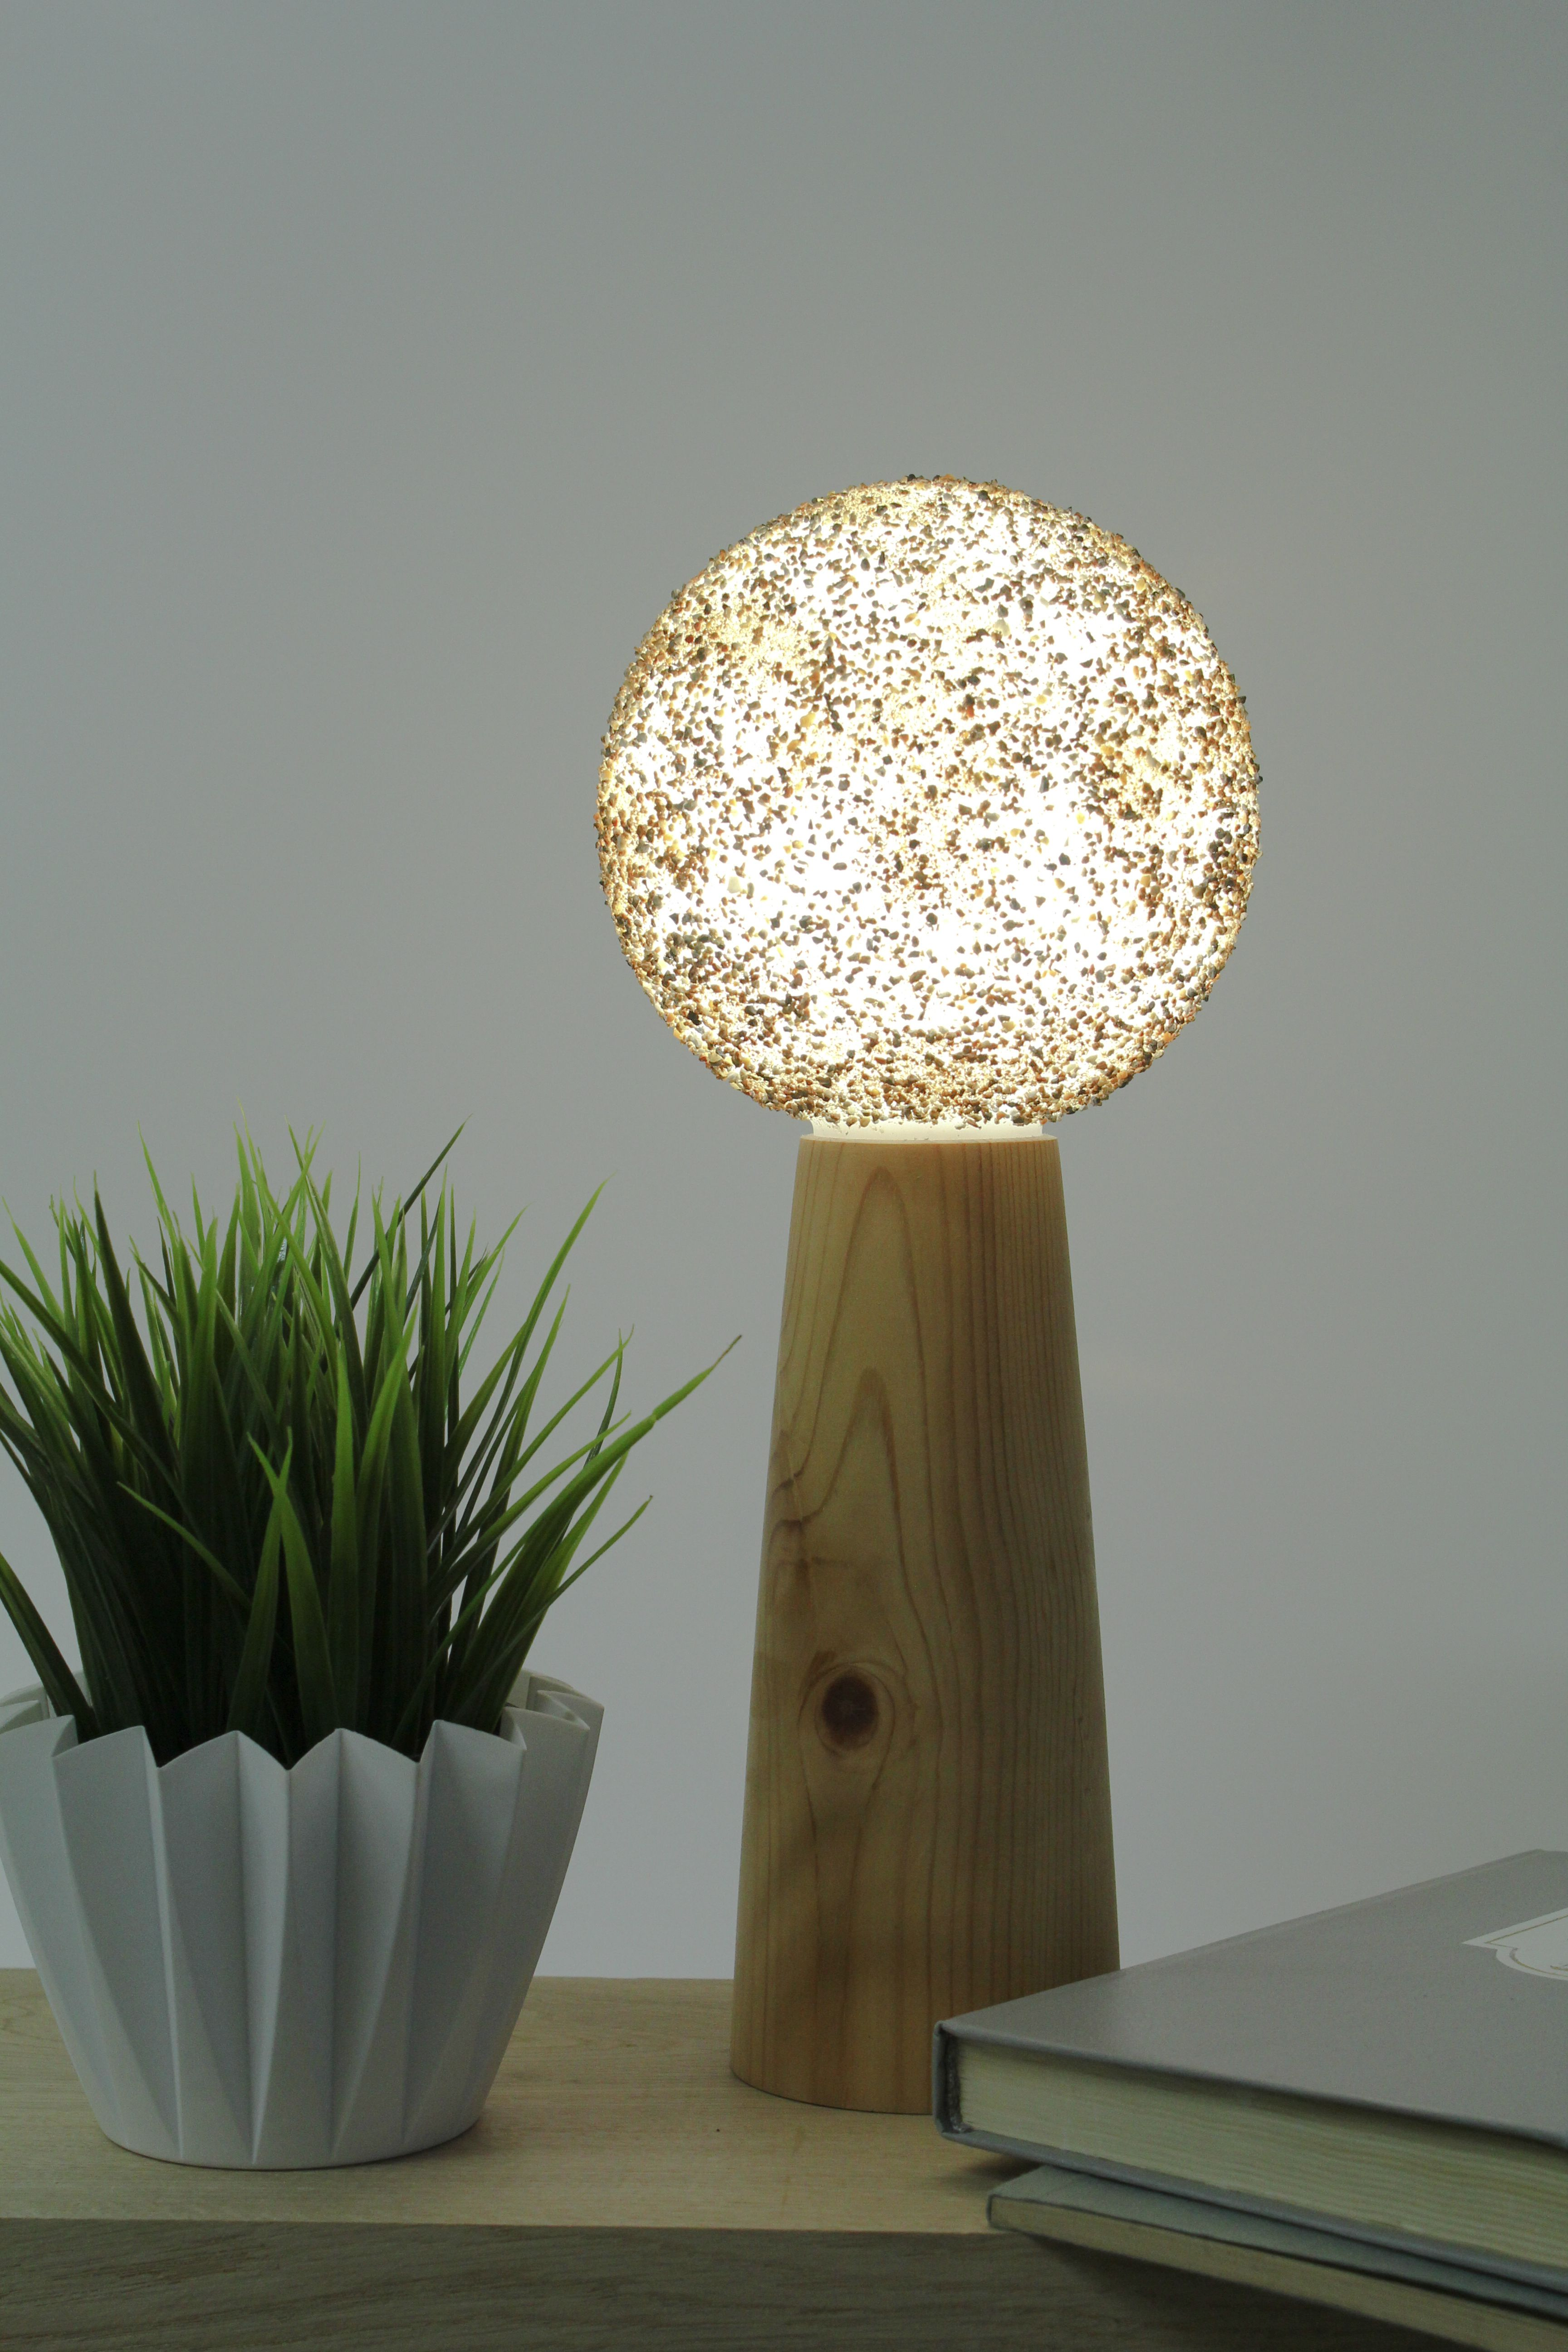 810eaf760858c350158a6d562ae260c1 Résultat Supérieur 60 Luxe Lampe Decorative Stock 2018 Ldkt